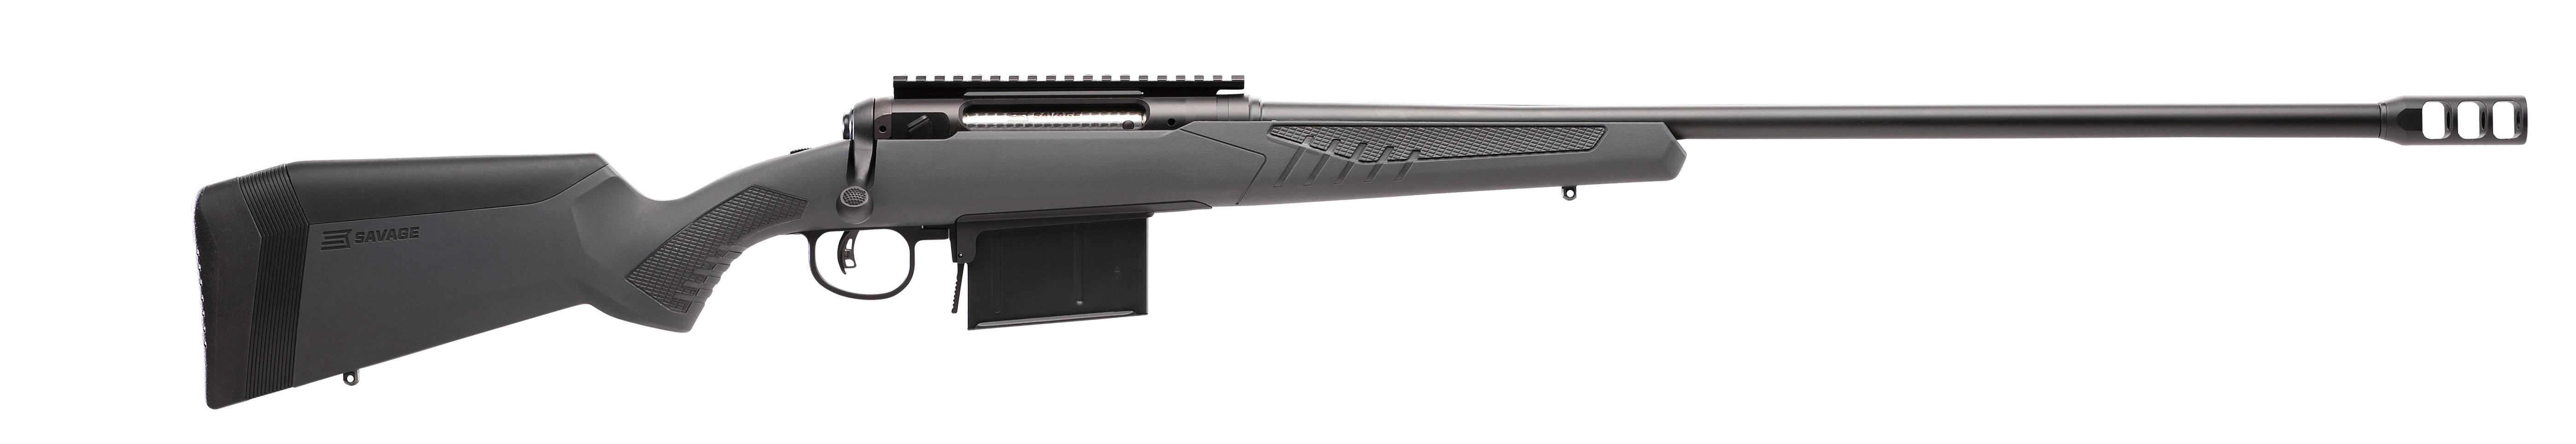 Savage Arms 110 Long Range Hunter 338 Lapua